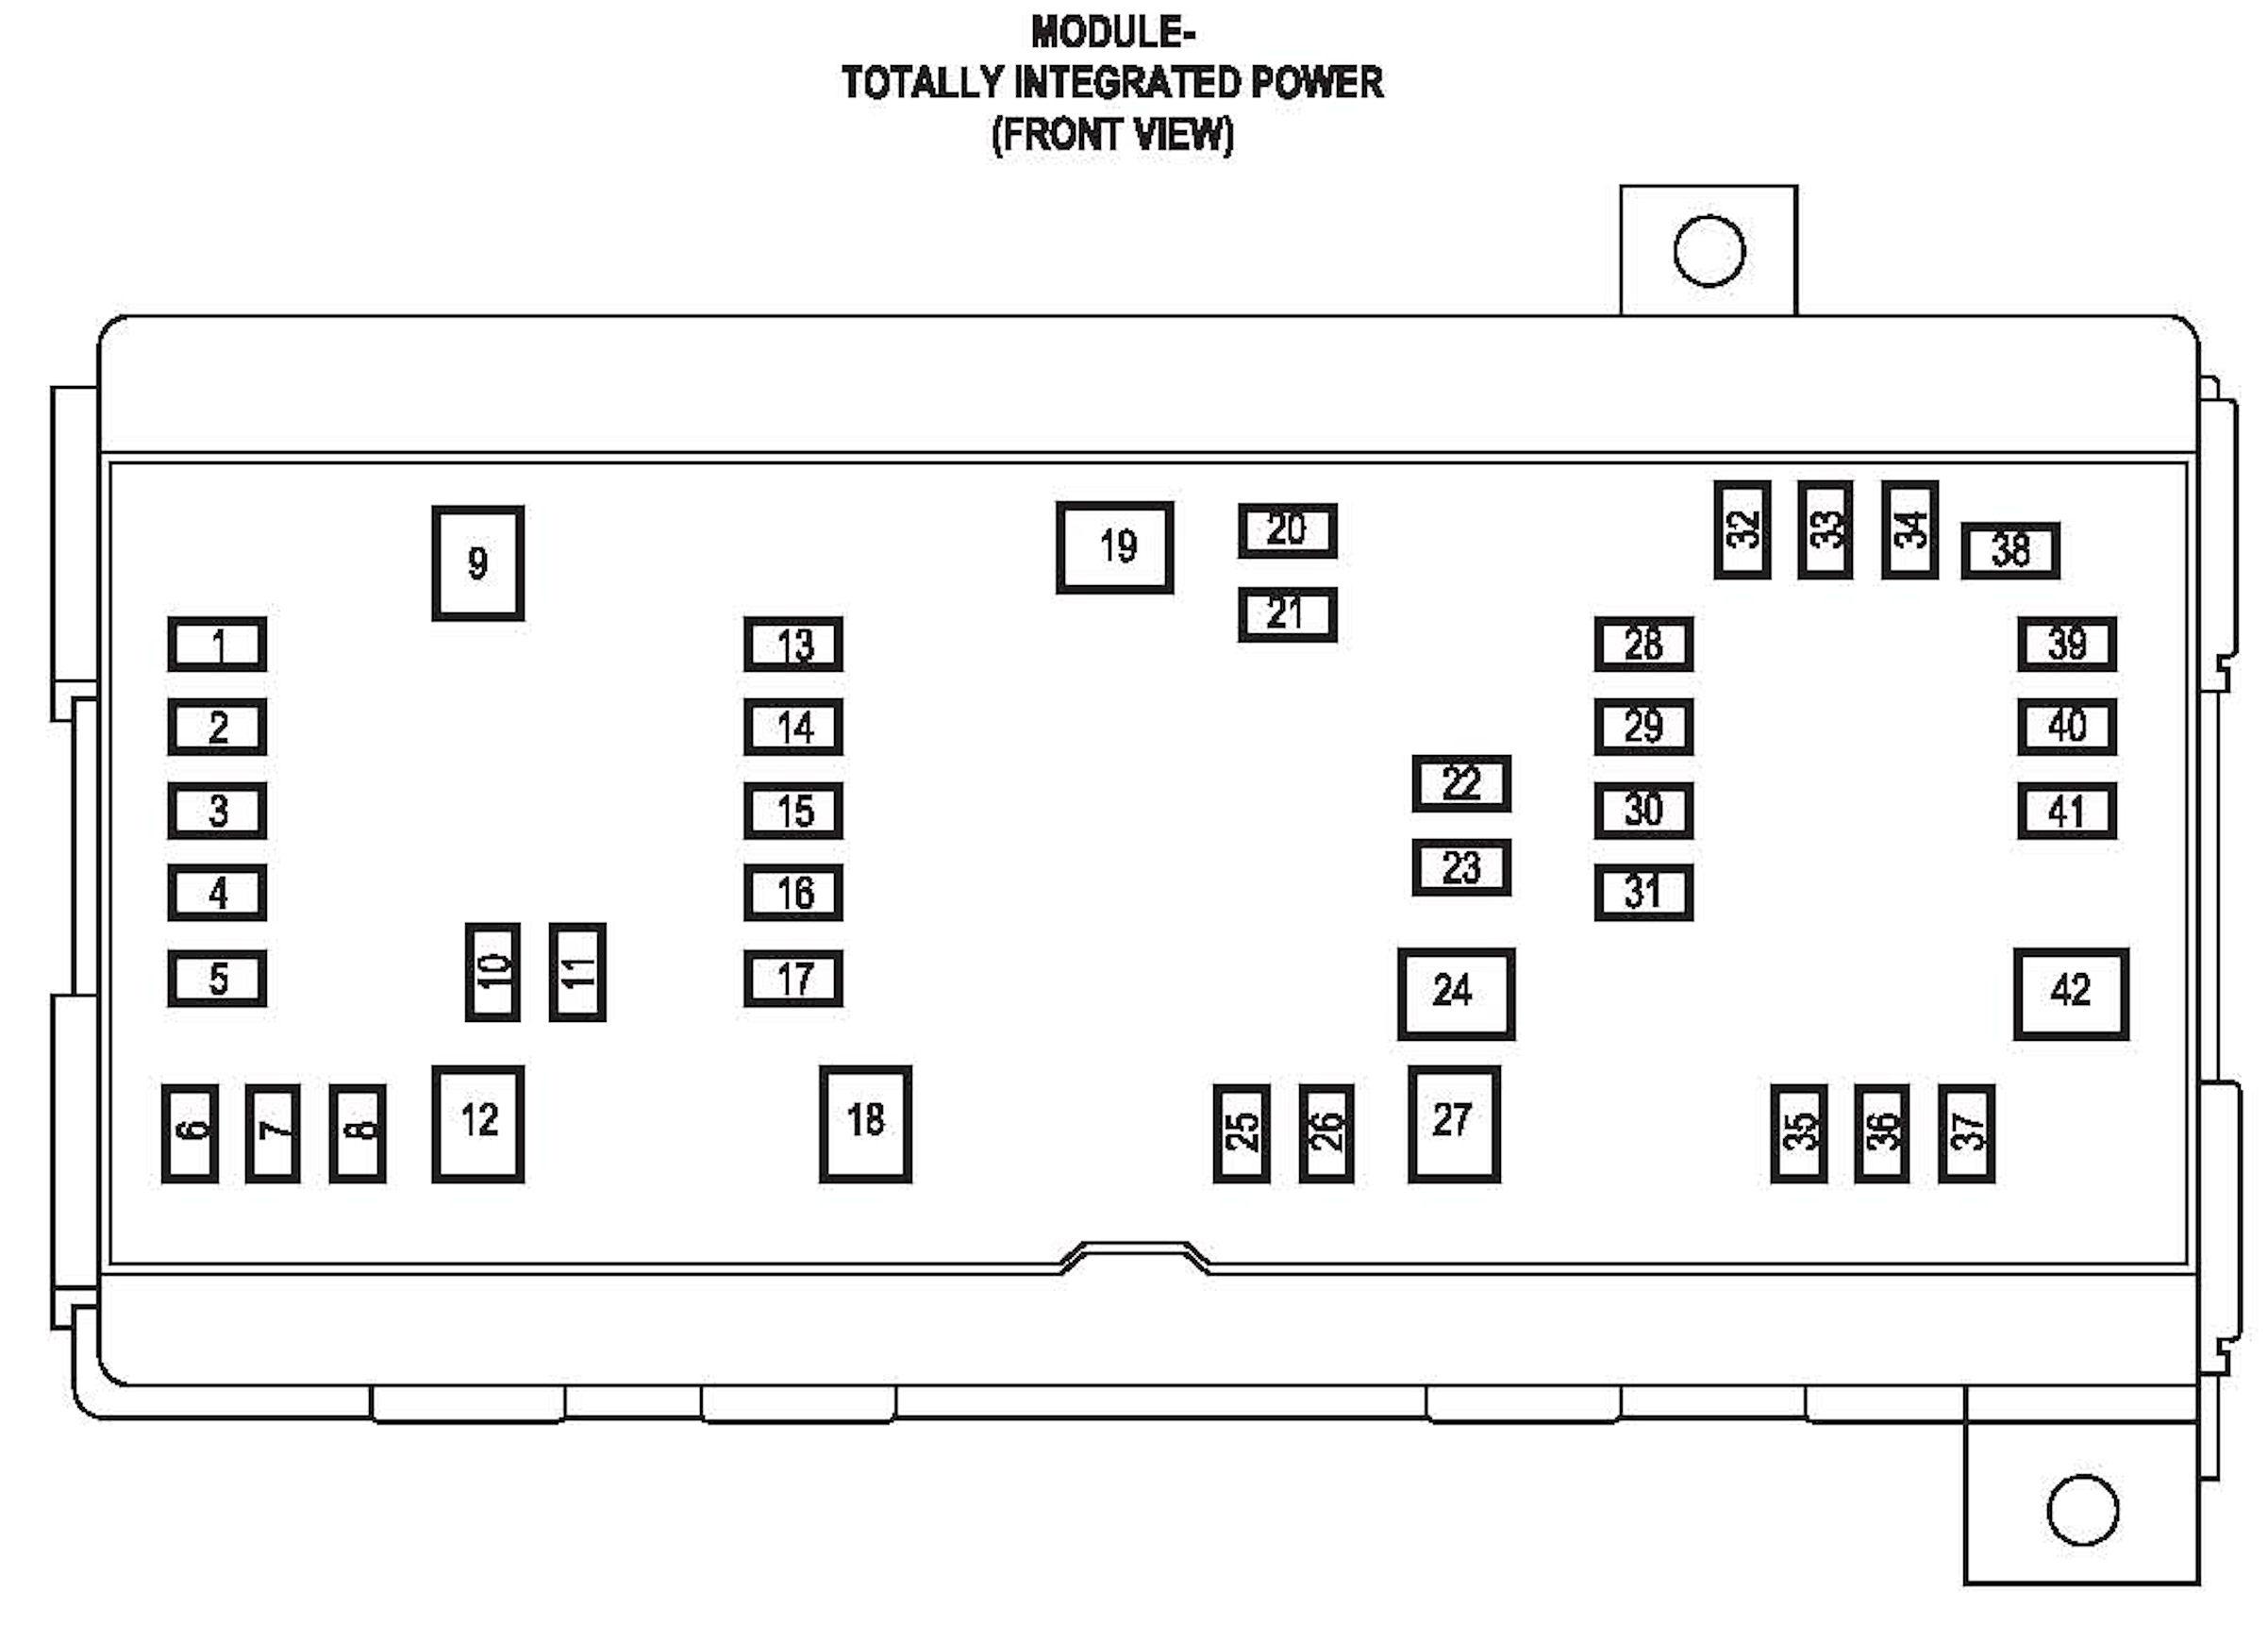 96 dodge 2500 wiring diagram fx 9224  1999 cummins fuse diagram schematic wiring 96 dodge ram wiring diagram 1999 cummins fuse diagram schematic wiring